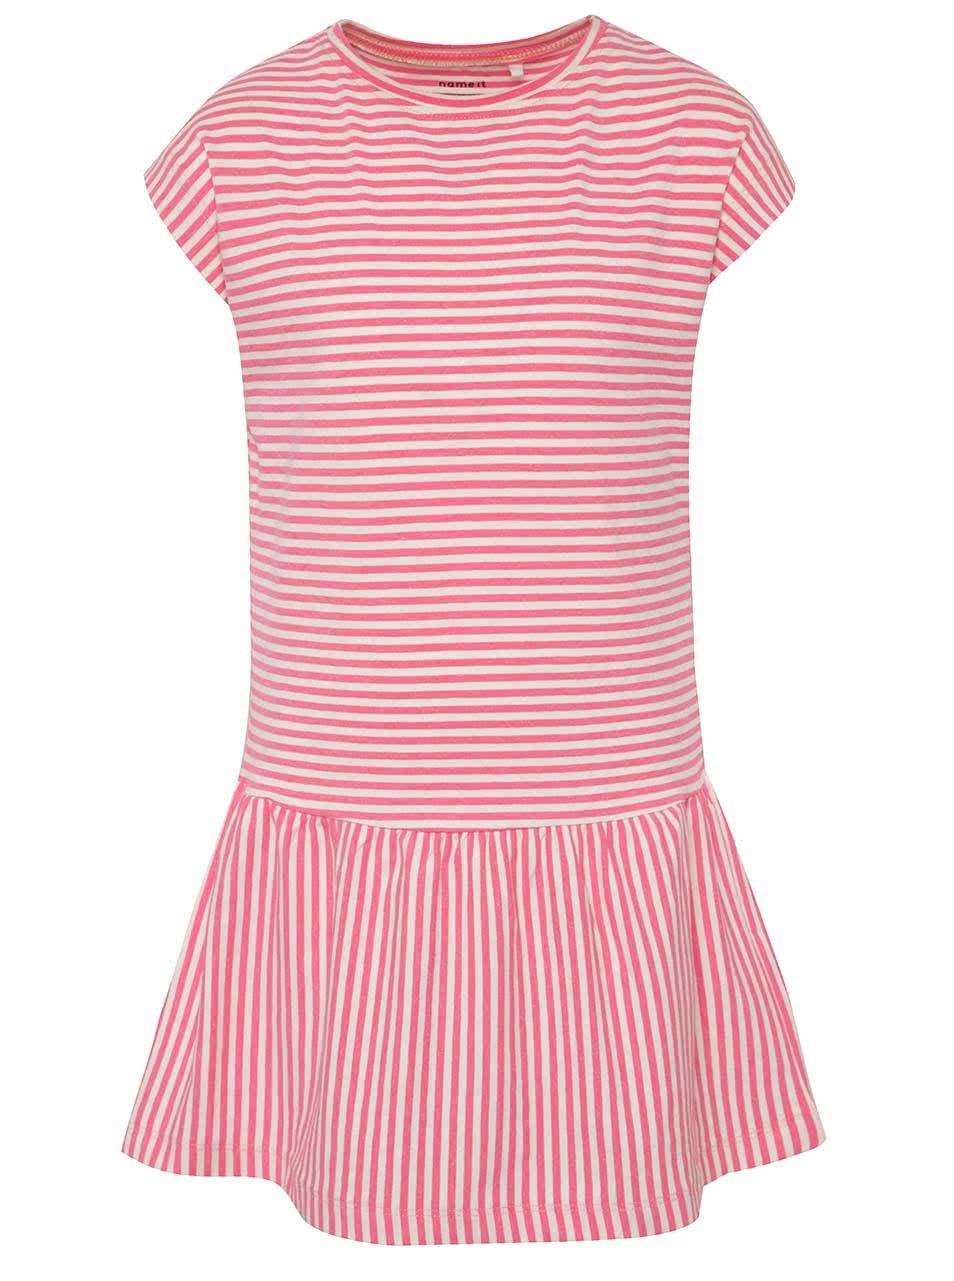 Růžové holčičí pruhované šaty name it Inger